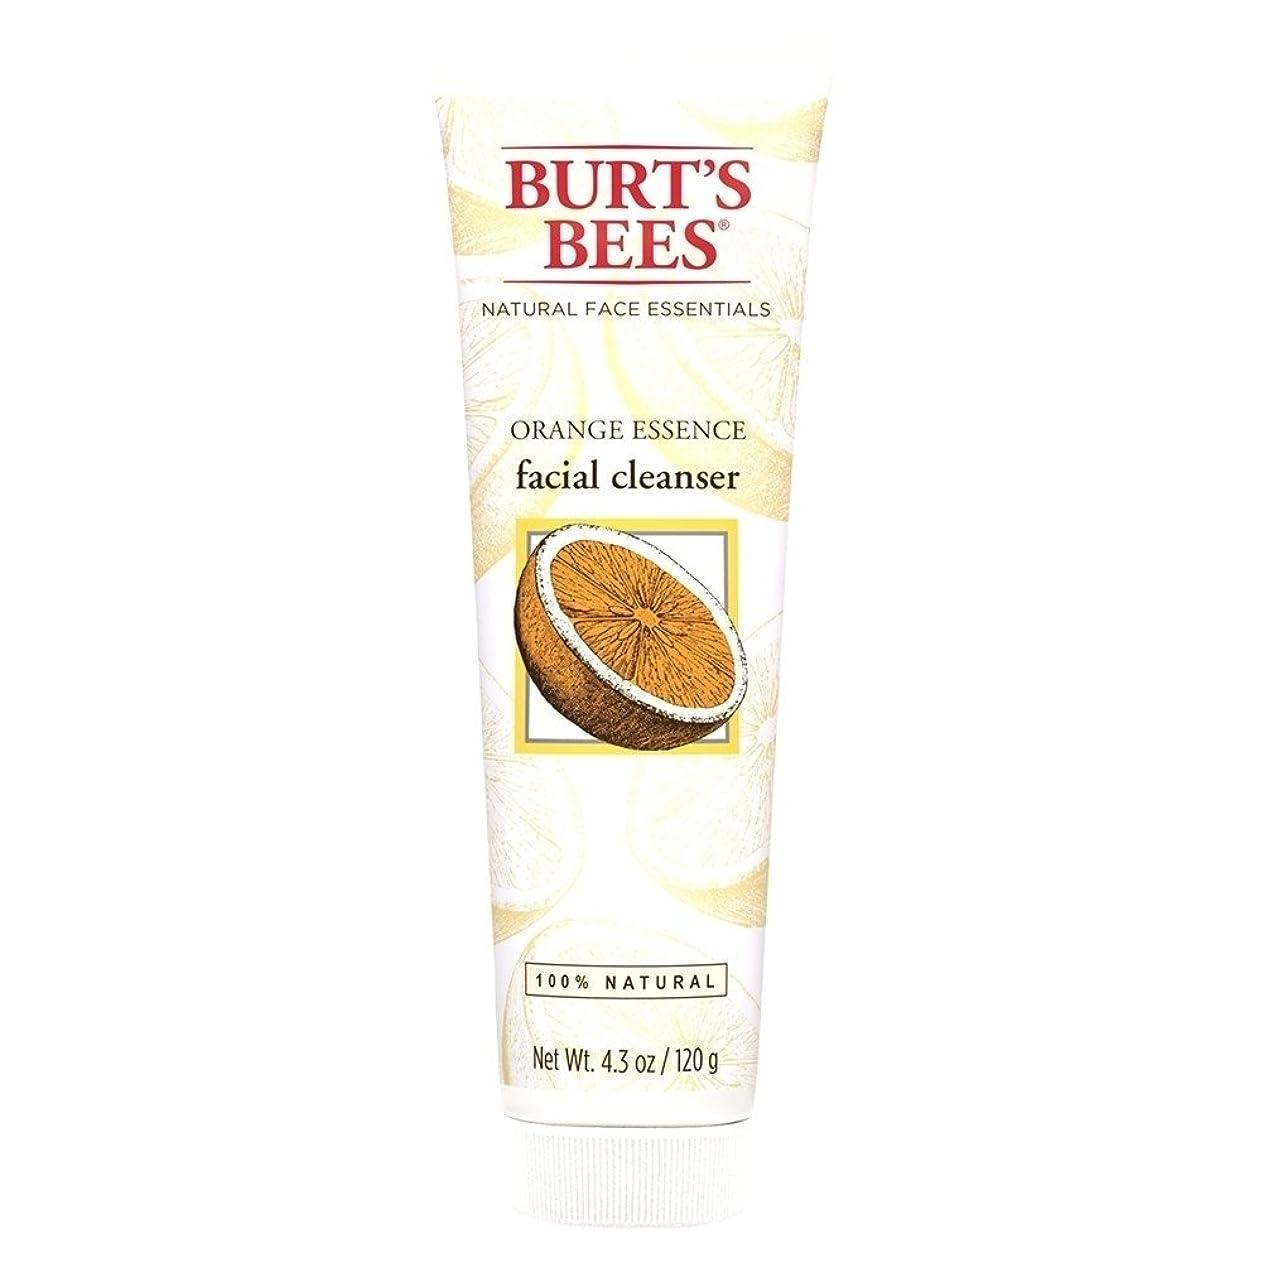 証明するカセット窓を洗うバーツビーオレンジエッセンス洗顔料、125グラム (Burt's Bees) - Burt's Bees Orange Essence Facial Cleanser, 125g [並行輸入品]